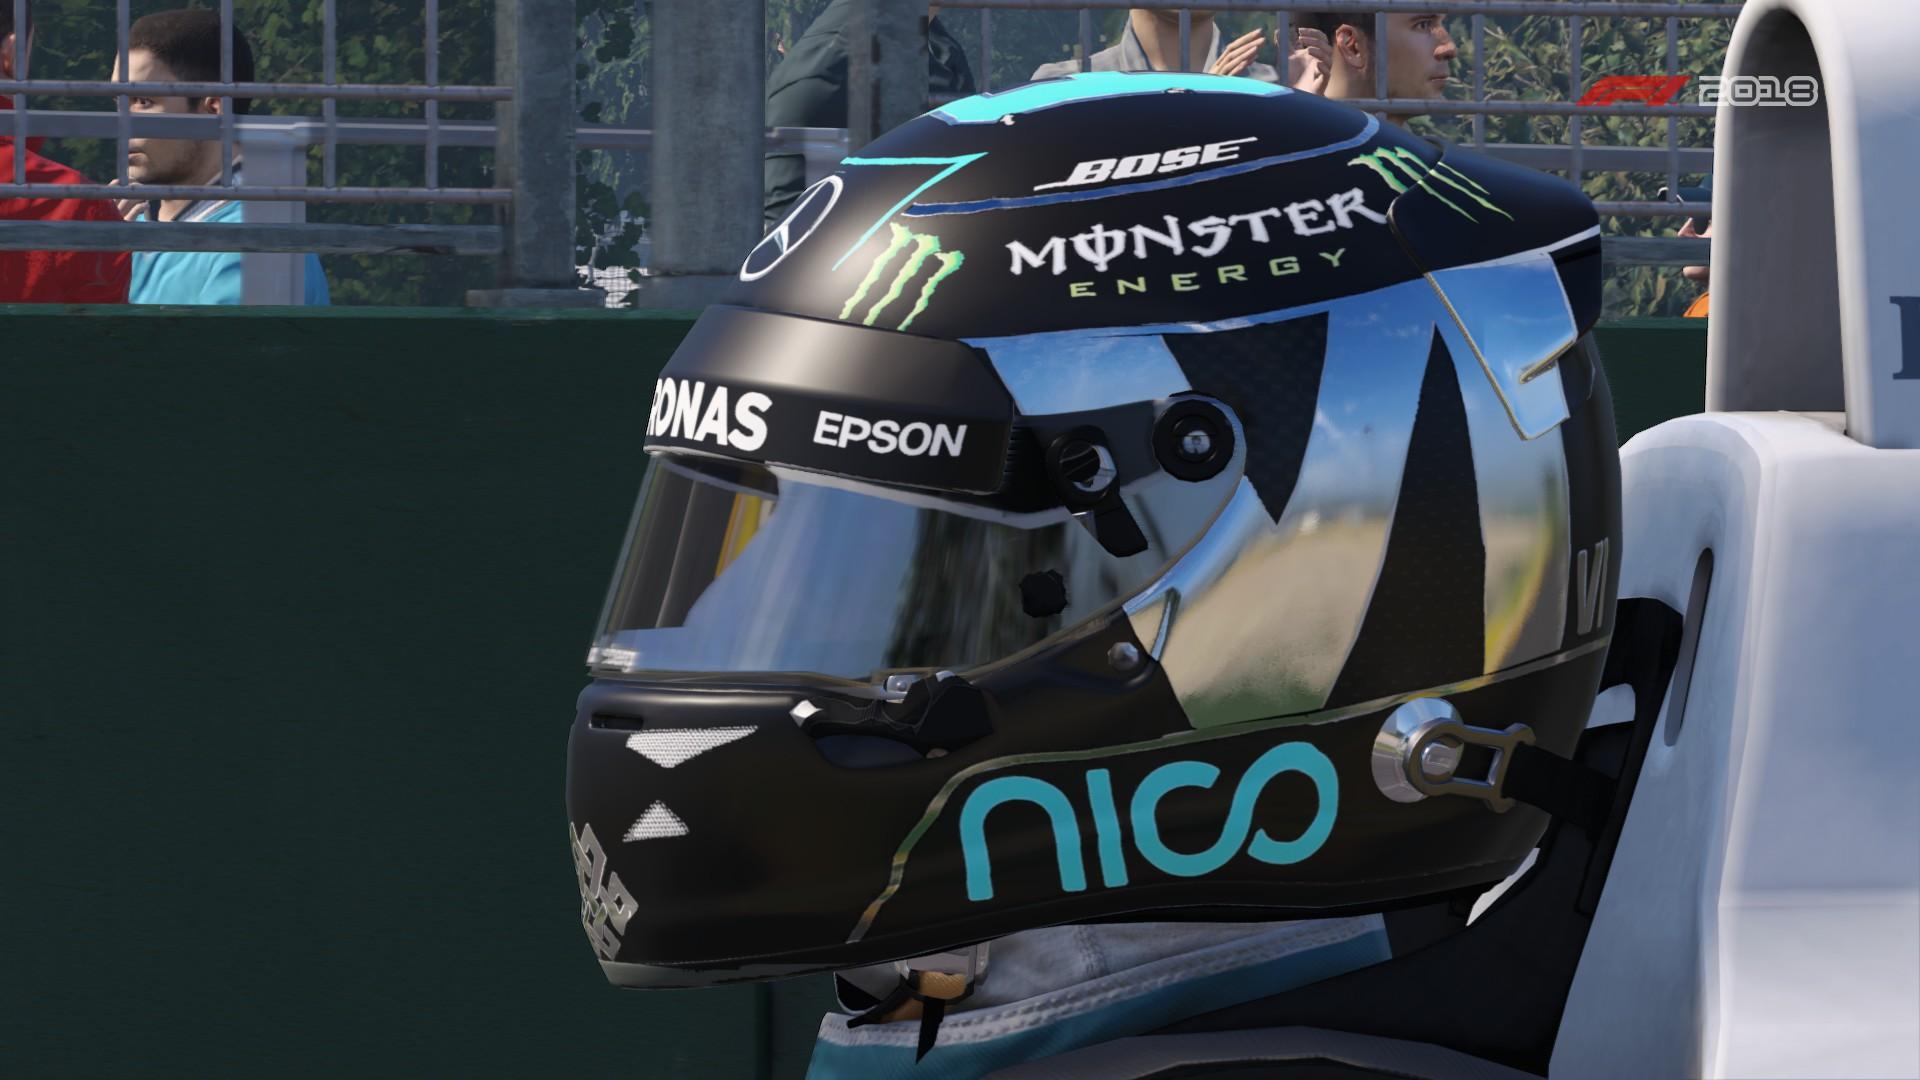 F1 2018 Rosberg helmet | RaceDepartment